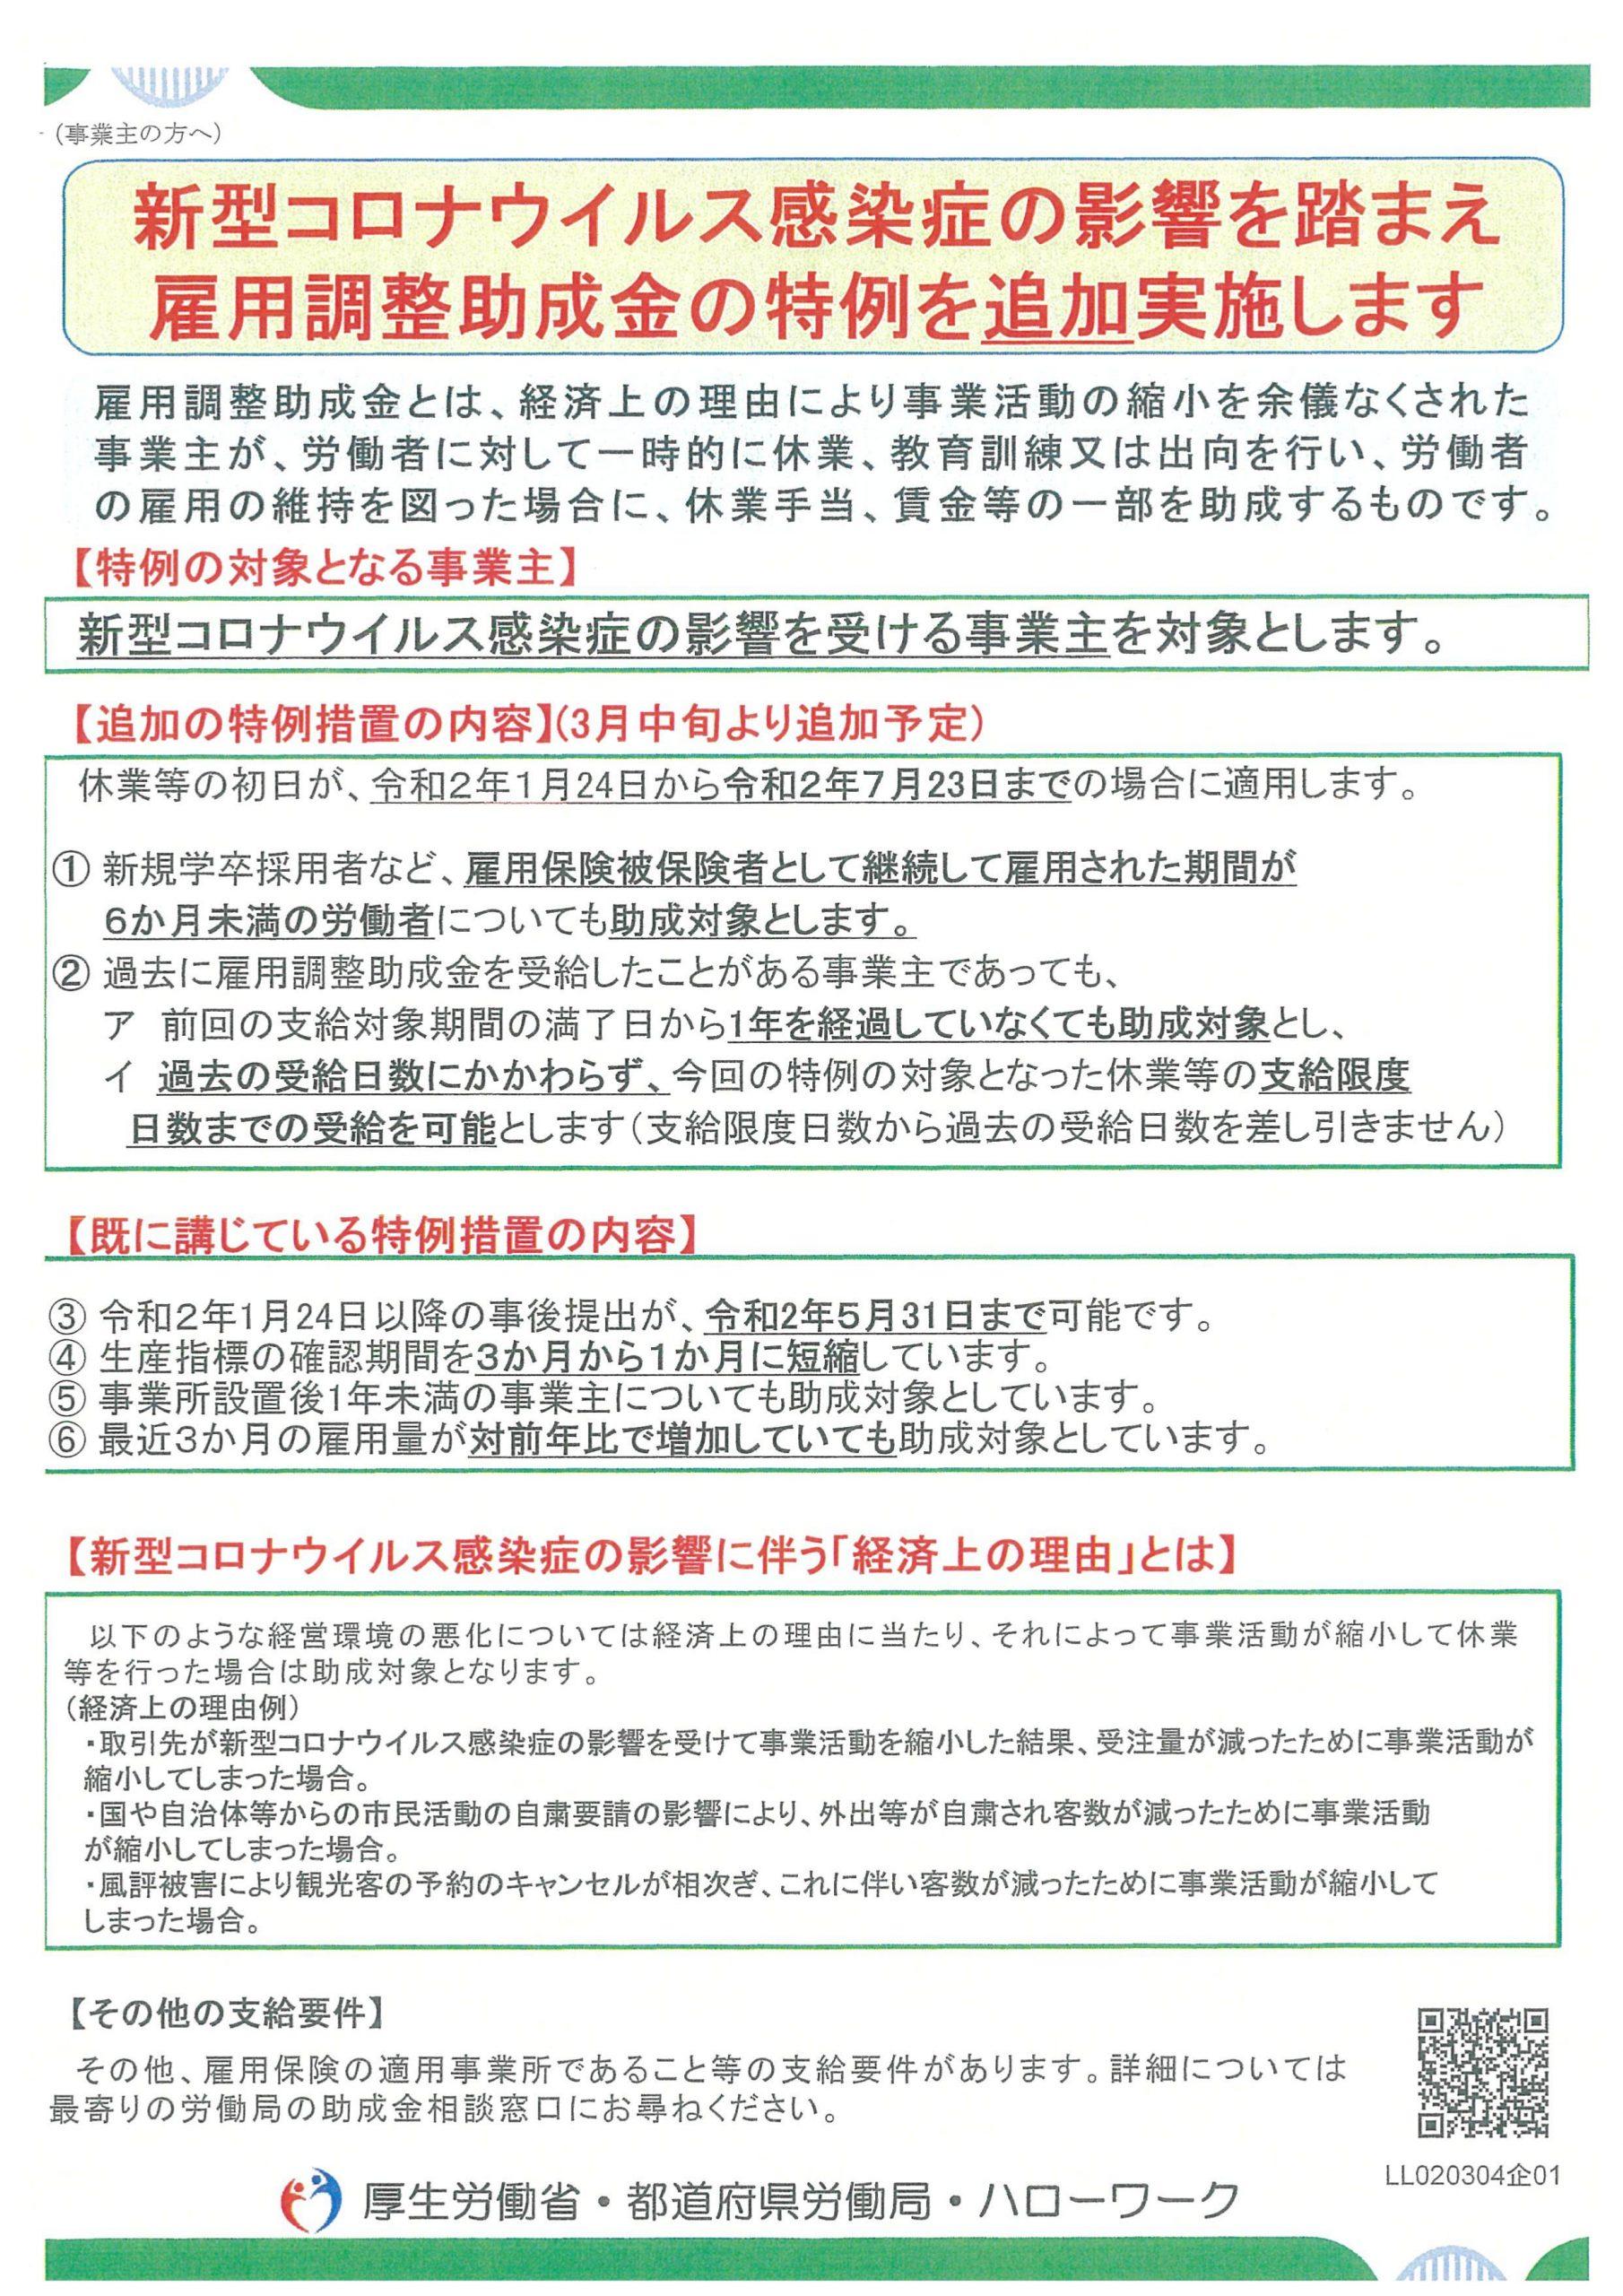 コロナ 秋田 新型